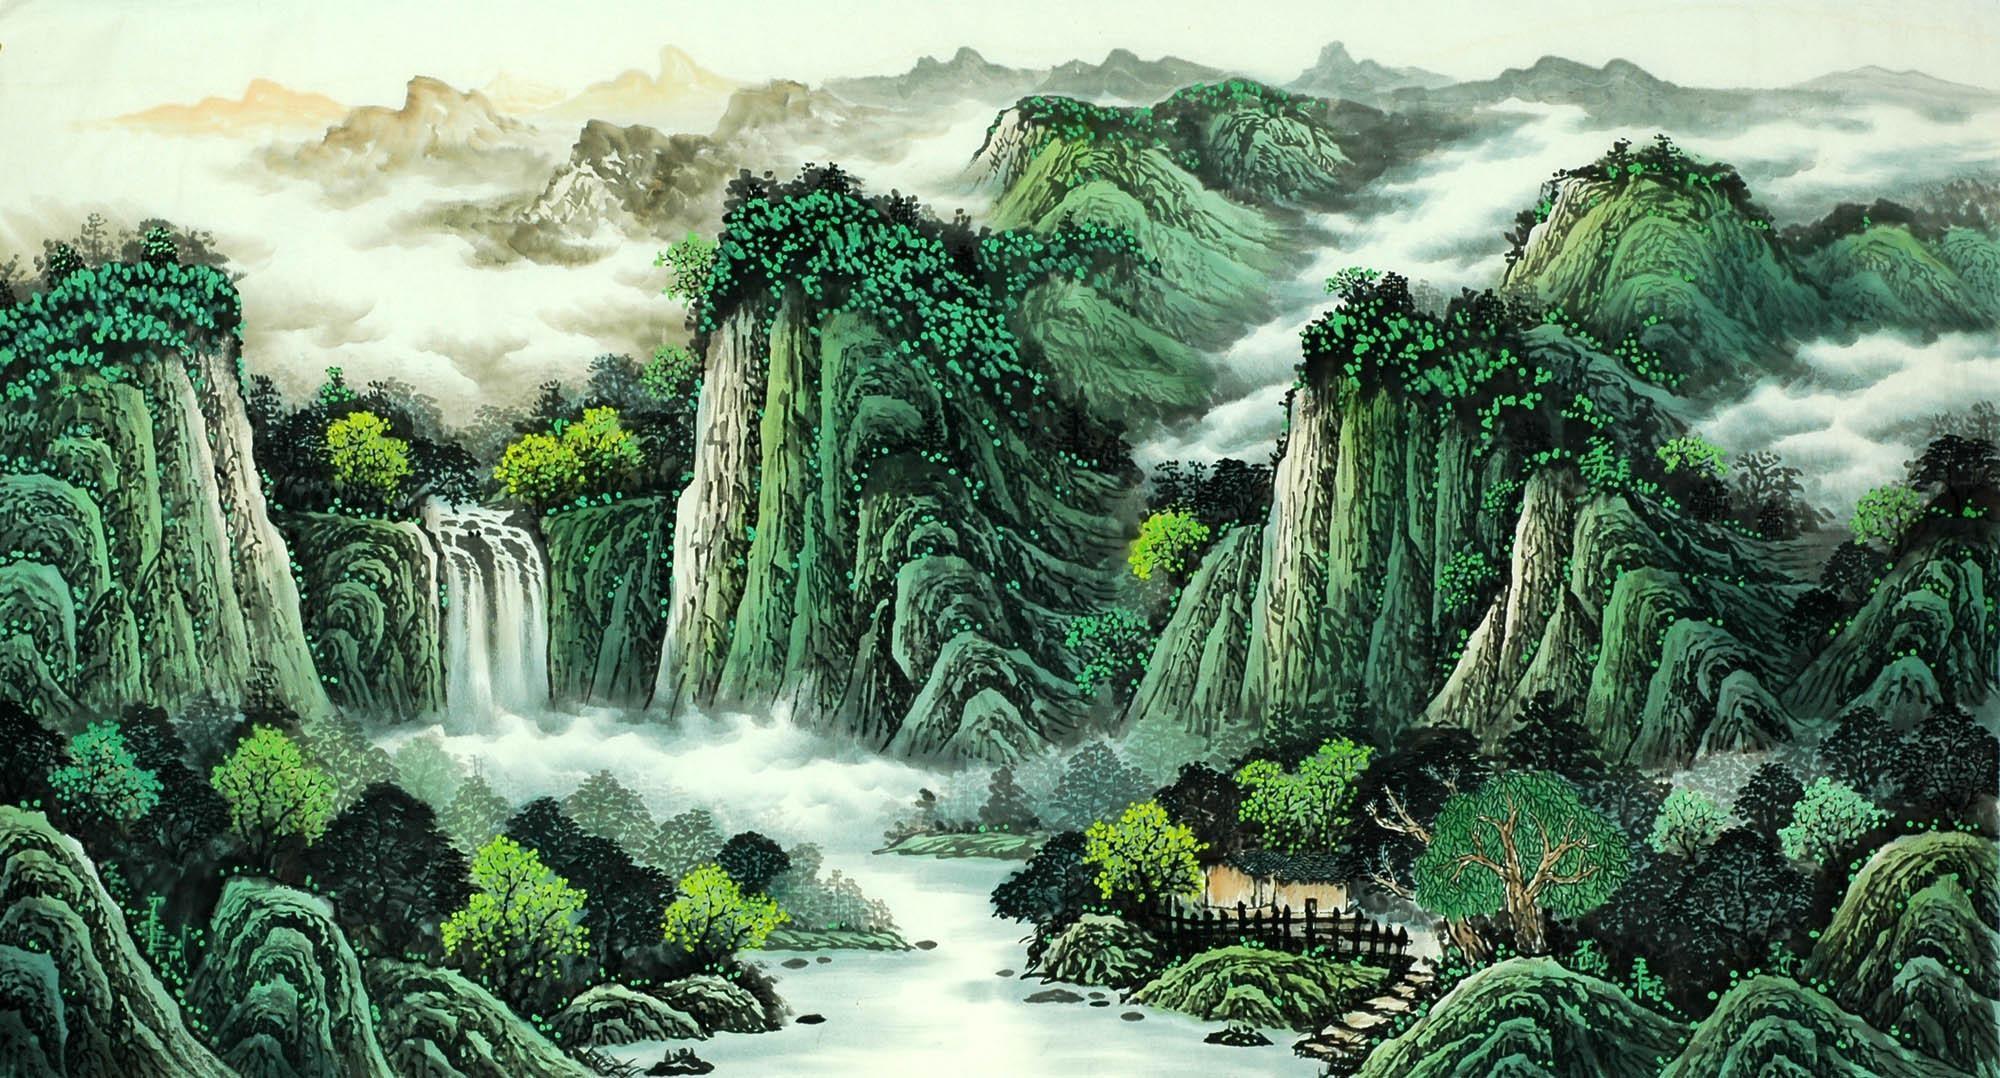 Chinese Landscape Painting - CNAG008103